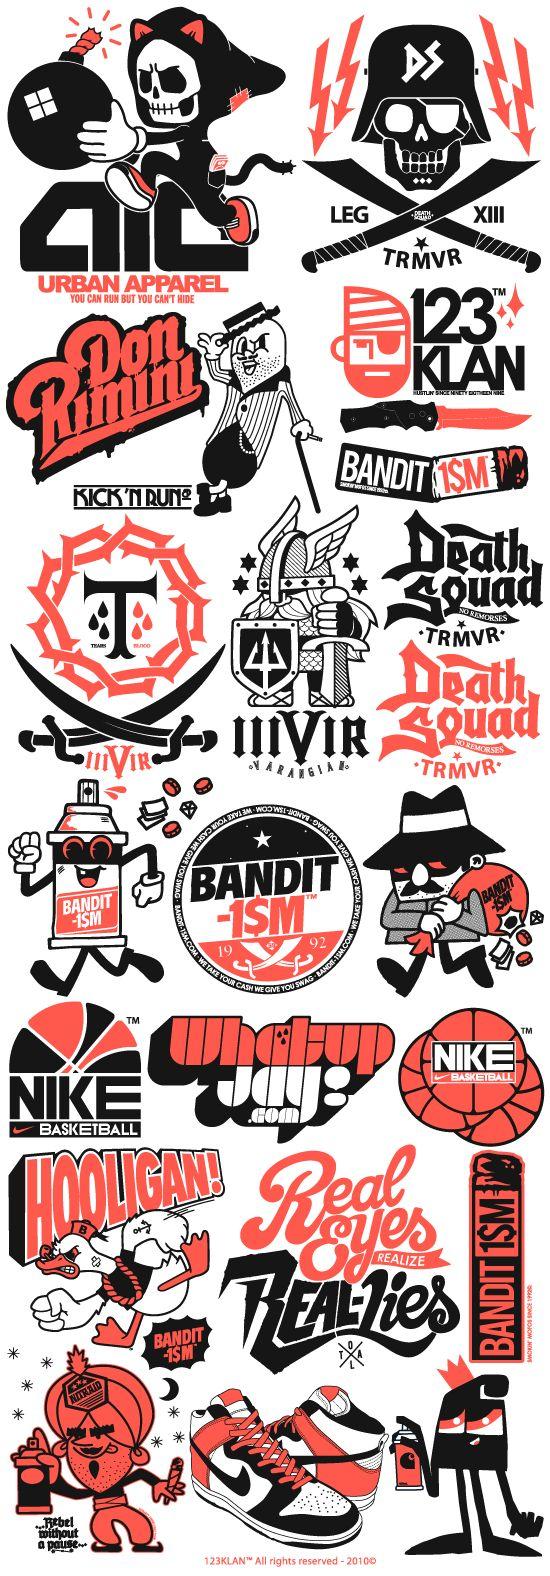 123 Klan logos